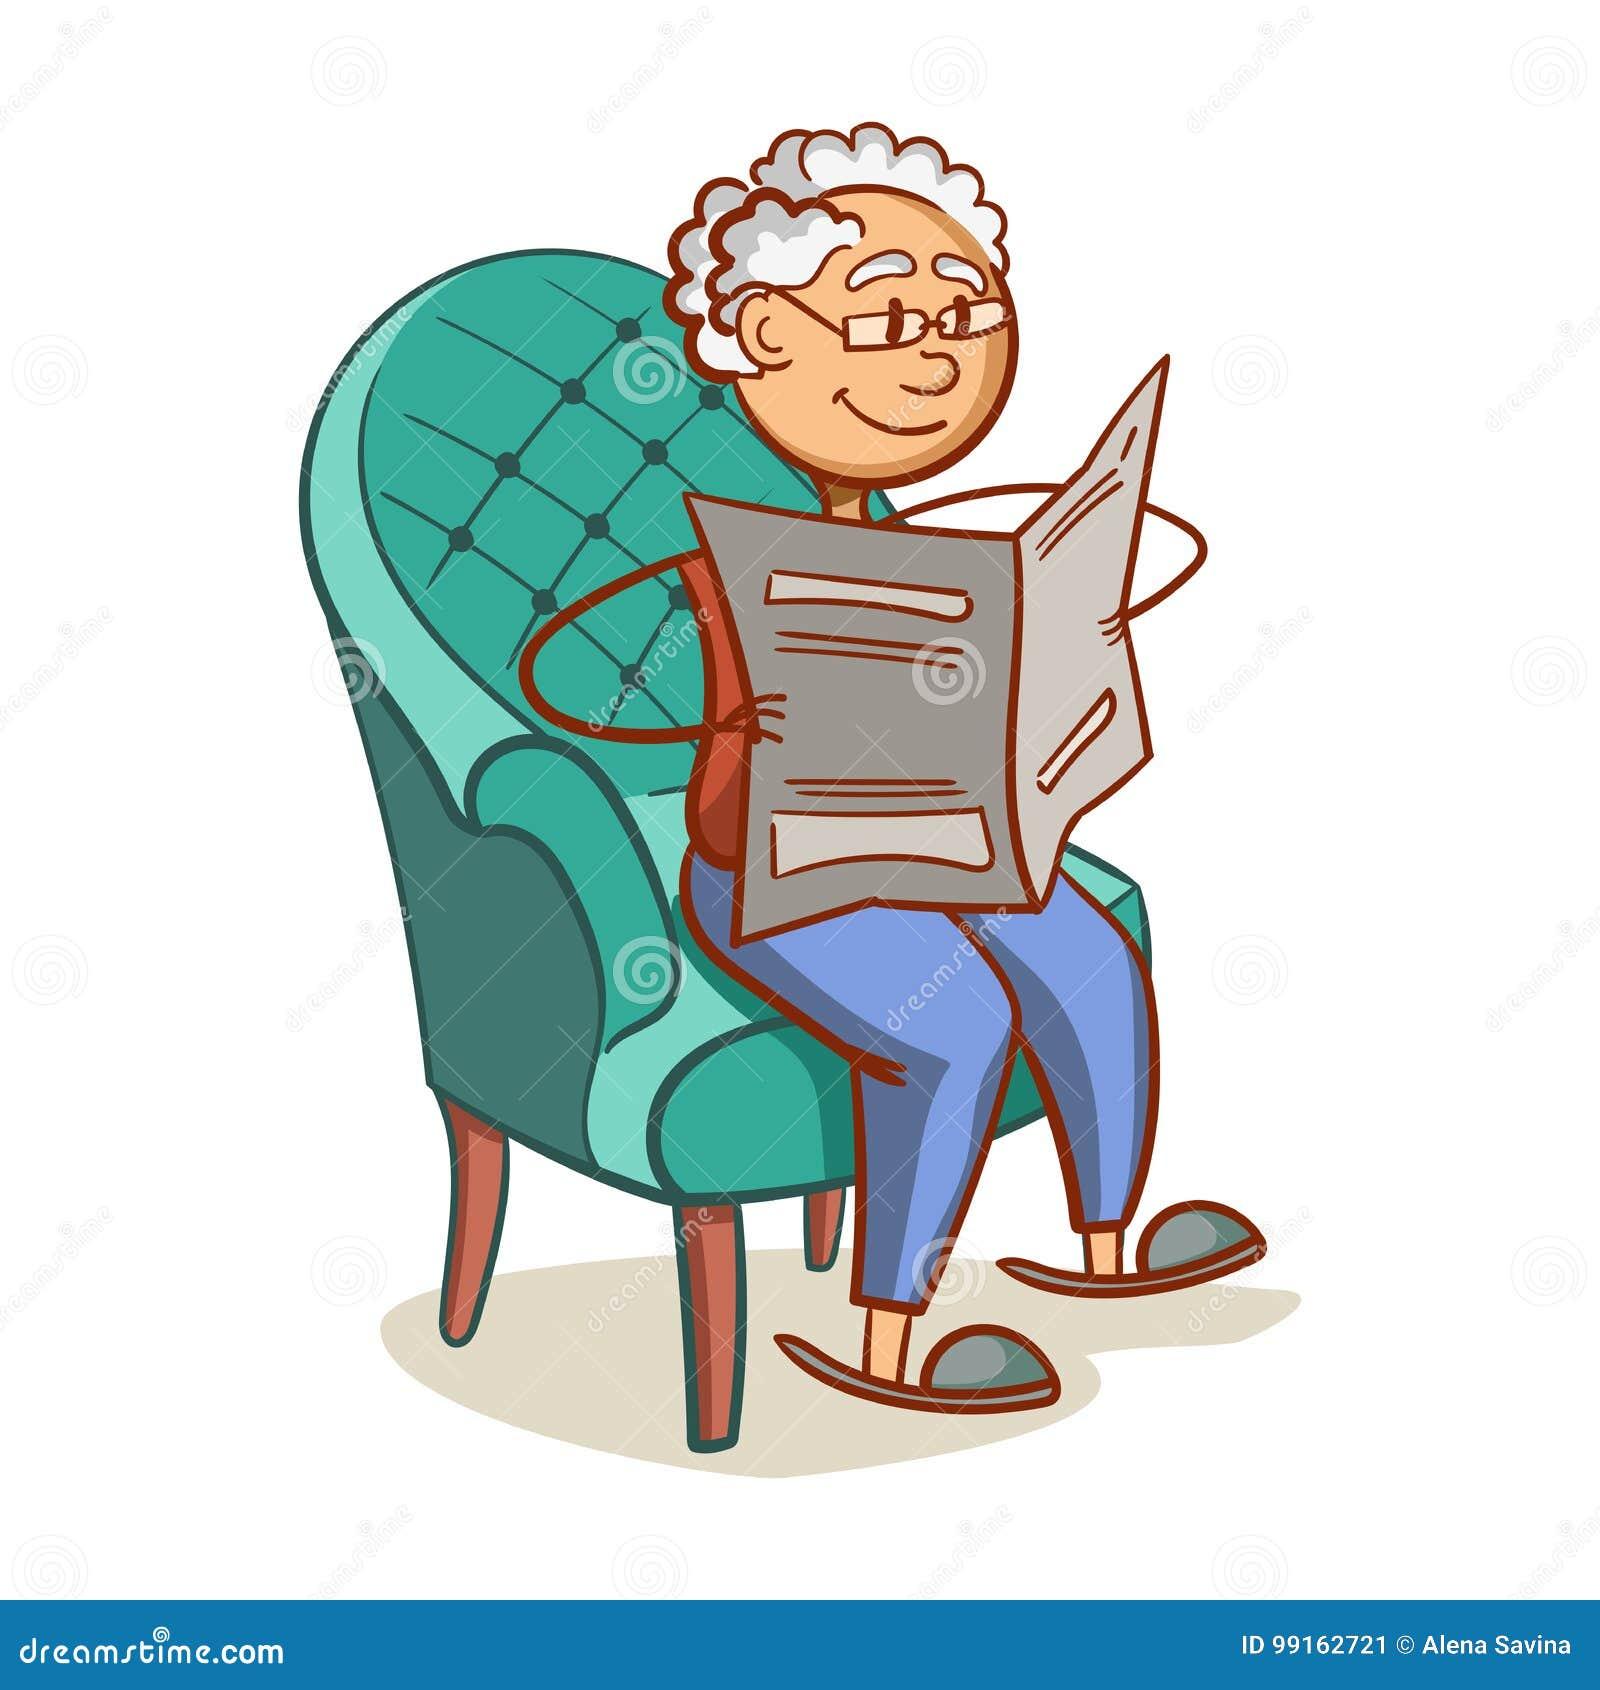 Nonno In Poltrona.Nonno Che Legge Un Giornale Illustrazione Vettoriale